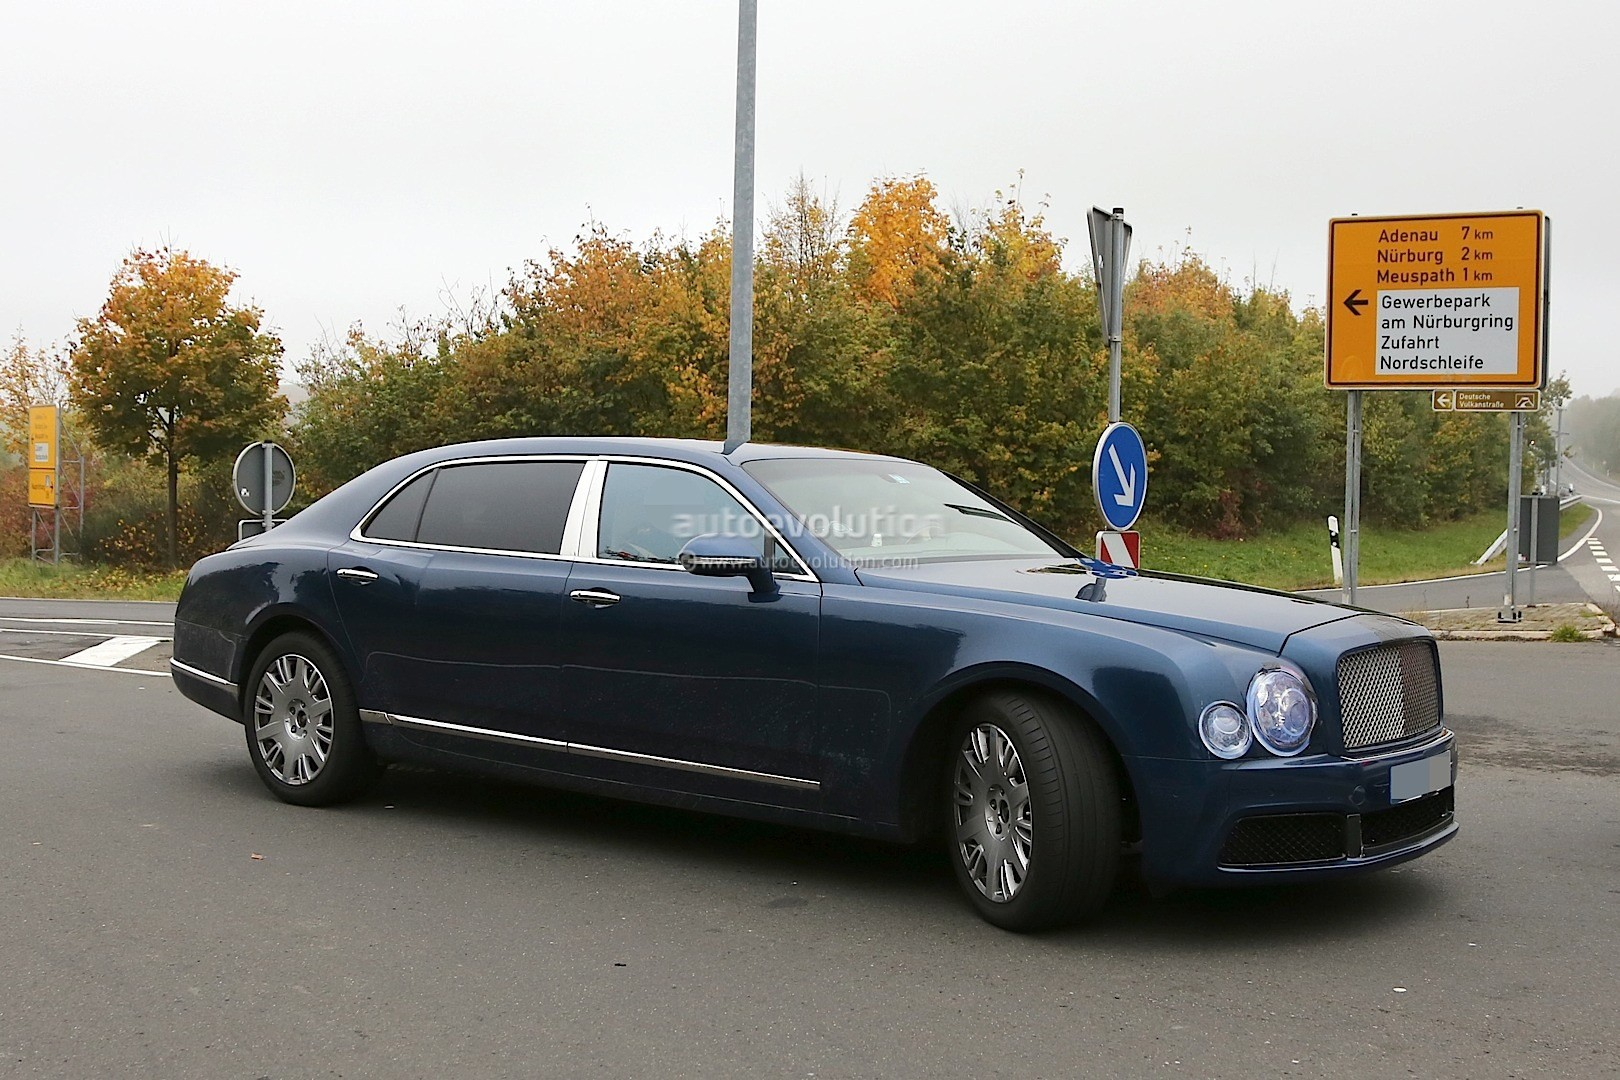 2017 Bentley Mulsanne Spyshots Reveal Long Wheelbase Model